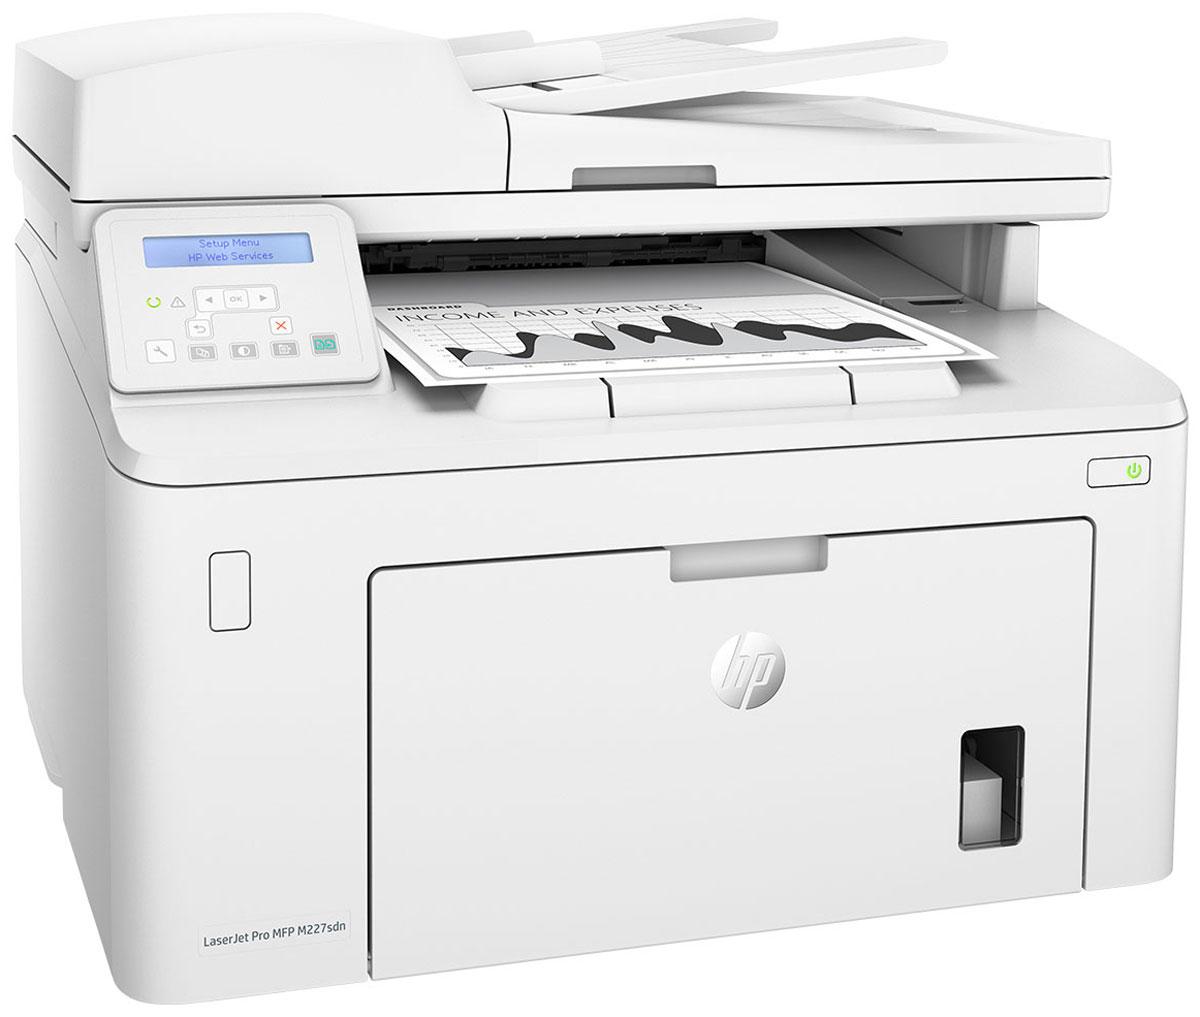 HP LaserJet Pro M227sdn МФУG3Q74AМФУ HP LaserJet Pro M227sdn с картриджами Jetlntelligence обеспечат более высокий уровень производительности и защиты. Задайте новые стандарты скорости для вашего бизнеса. Выполняйте быструю двустороннюю печать, сканирование и копирование с простым управлением для повышения эффективности.Высокие скорости, низкое энергопотреблениеВыполняйте печать, сканирование и копирование с помощью компактного многофункционального лазерного принтера, который занимает совсем немного места.Скорость печати соответствует требованиям развивающегося бизнеса: этот принтер оснащен модулем быстрой двусторонней печати, на печать первой страницы уходит всего 7 секунд.Экономьте электроэнергию благодаря технологии HP Auto-0n/Auto-0ff.Специальные бизнес-приложения позволяют выполнять сканирование напрямую в электронную почту, на USB-накопитель и в сетевые папки.Печать с iPhone и iPad с помощью технологии AirPrint с автоматическим подбором масштаба в соответствии с форматом бумаги.С помощью функции HP ePrint можно выполнять печать непосредственно со смартфонов, планшетов и ноутбуков. Это так же легко, как отправлять сообщения по электронной почте.Технология Google Cloud Print 2.0 позволяет отправлять задания печати напрямую со смартфона, планшета или ПК на любой принтер компании.Управляйте печатью в масштабах компании легко и уверенноHP Web Jetadmin обеспечивает централизованное управление парком устройств и оптимизацию рабочих процессов. Оцените возможности удаленного управления ПО HP Web Jetadmin для обнаружения новых устройств и отслеживания процесса печати. Дополнительное ПО HP JetAdvantage Security Manager—это основанная на политиках защита всего парка устройств.Черный тонер обеспечивает высокую контрастность черно-белых текстов, шрифтов и графических изображений.Процессор 800 МГцОбъем памяти: 256 МБ